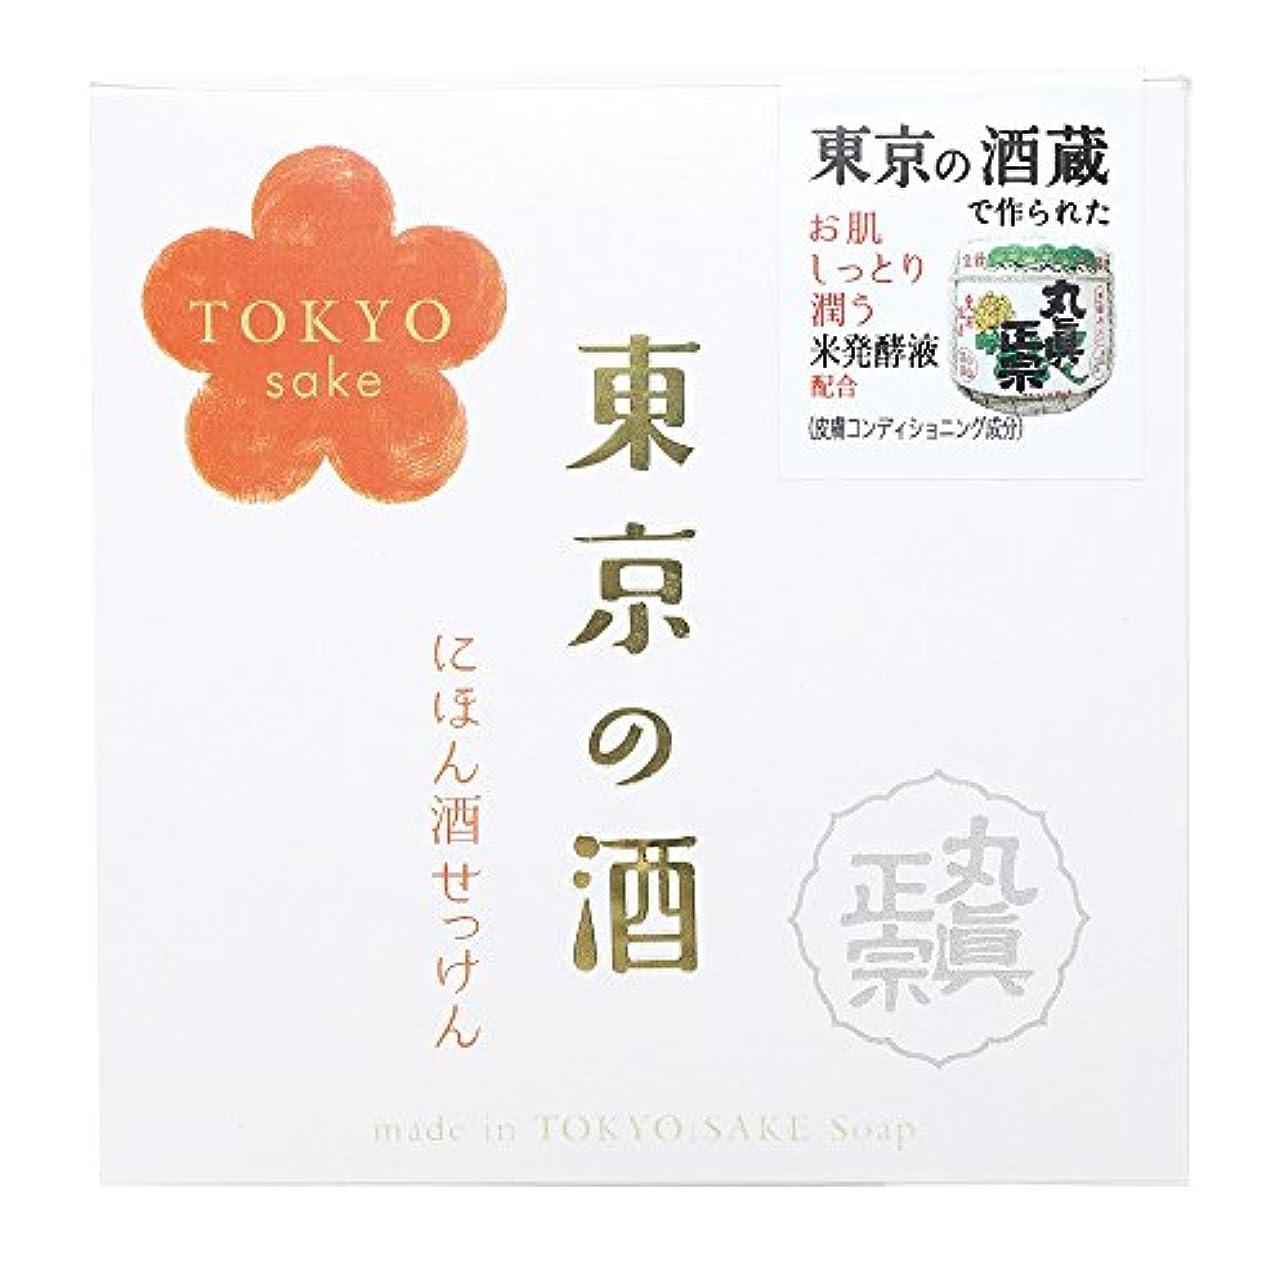 失われた池必要性ノルコーポレーション 東京の酒 石けん OB-TKY-1-1 100g